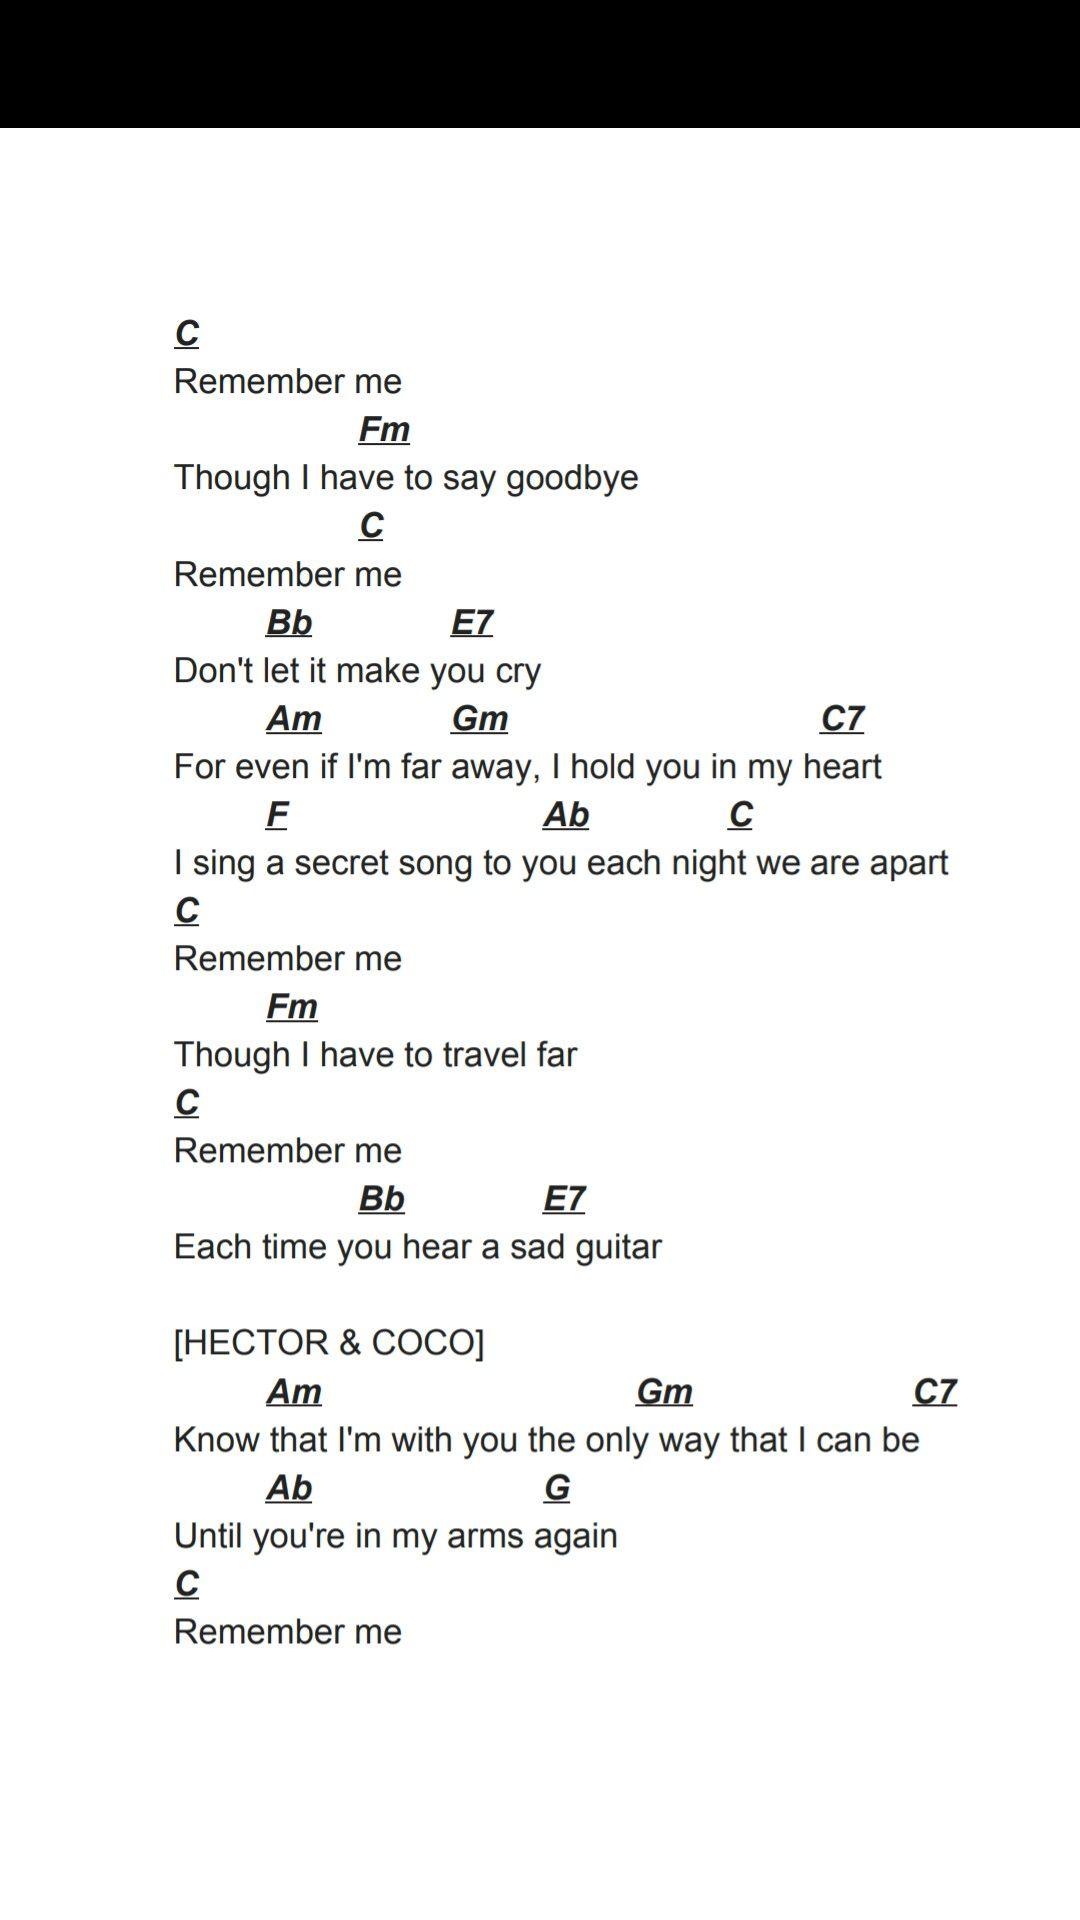 Coco remember me ukulele chords pinterest ukulele songs coco remember me ukulele songsukulele chordsfootprints hexwebz Images